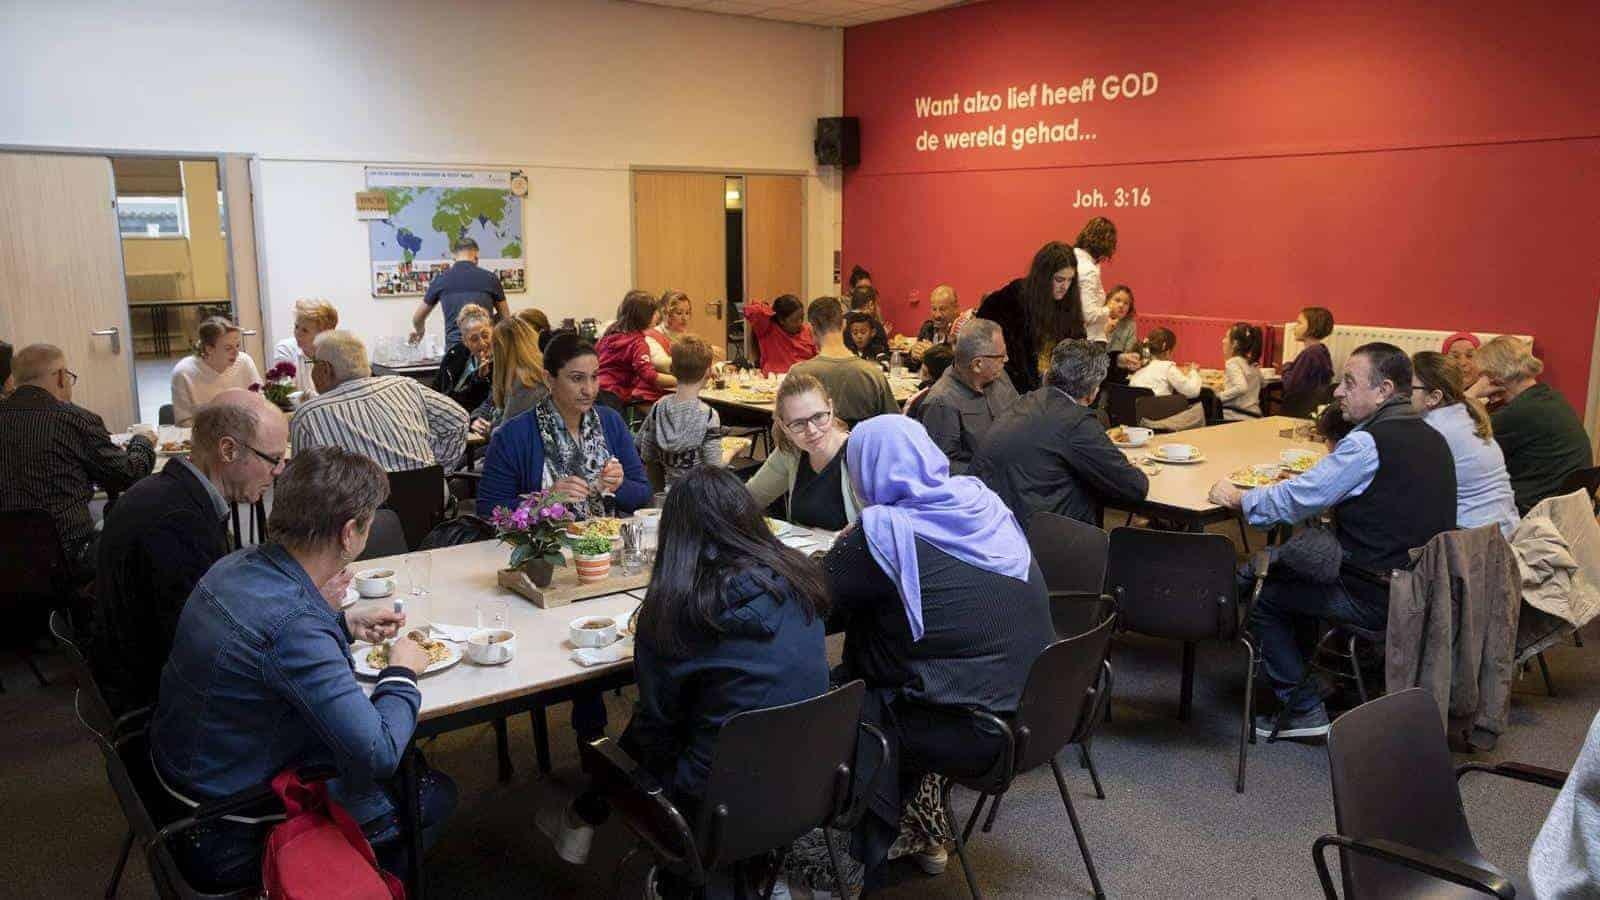 Arabische huiskerk groeide uit tot pioniersplek Zeist